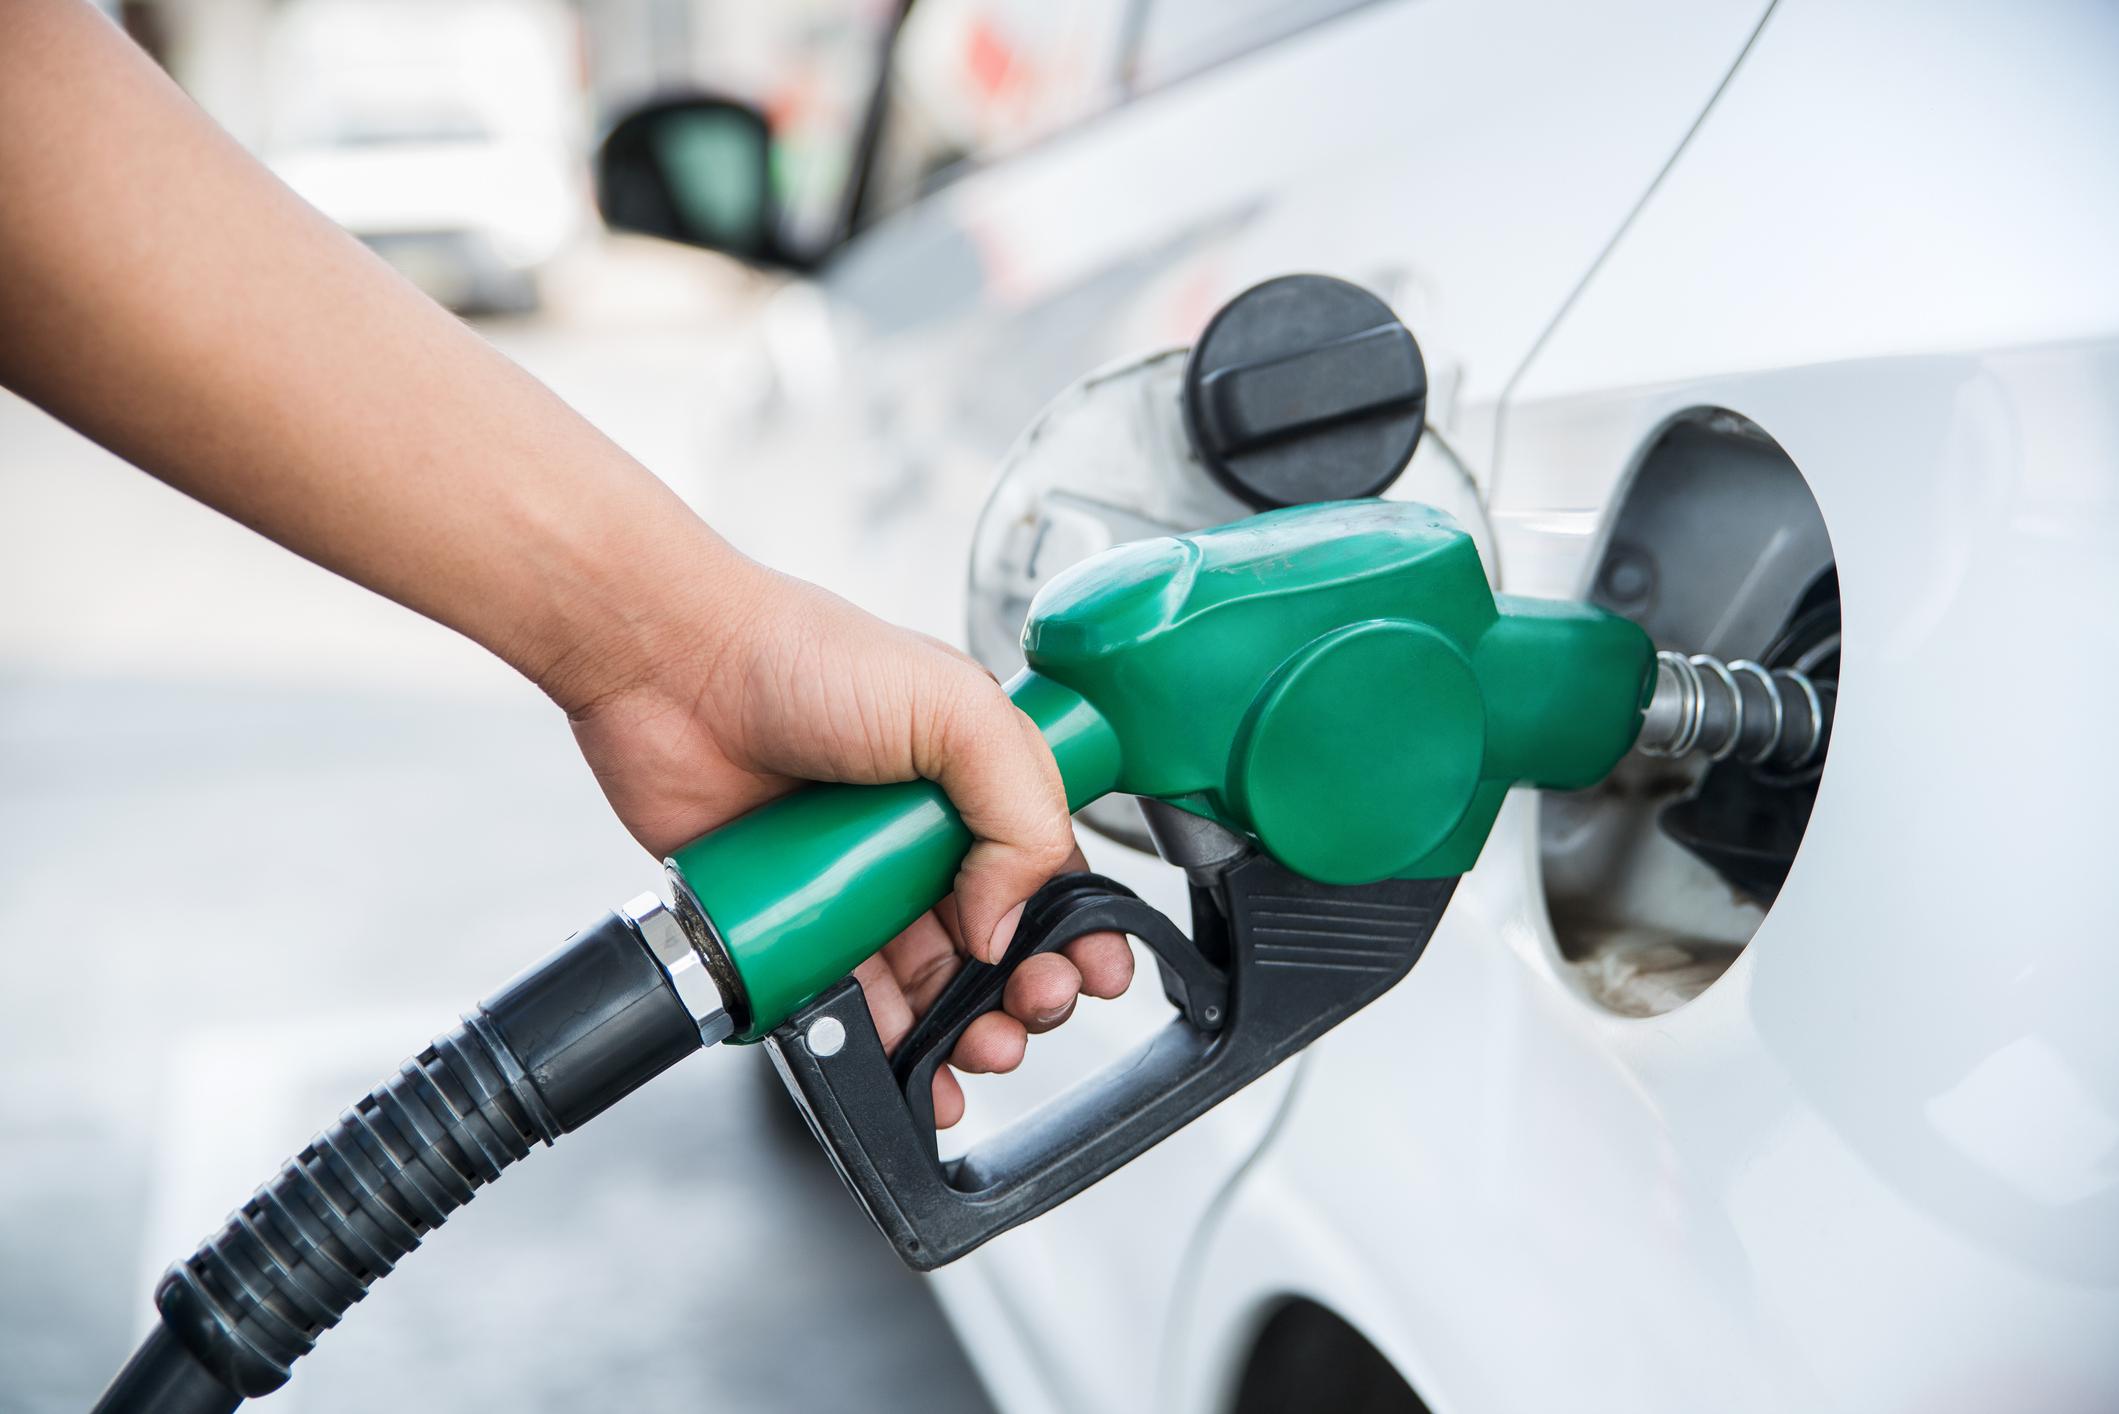 dicas como economizar gasolina e como melhor reabastecer seu veículo no dia a dia